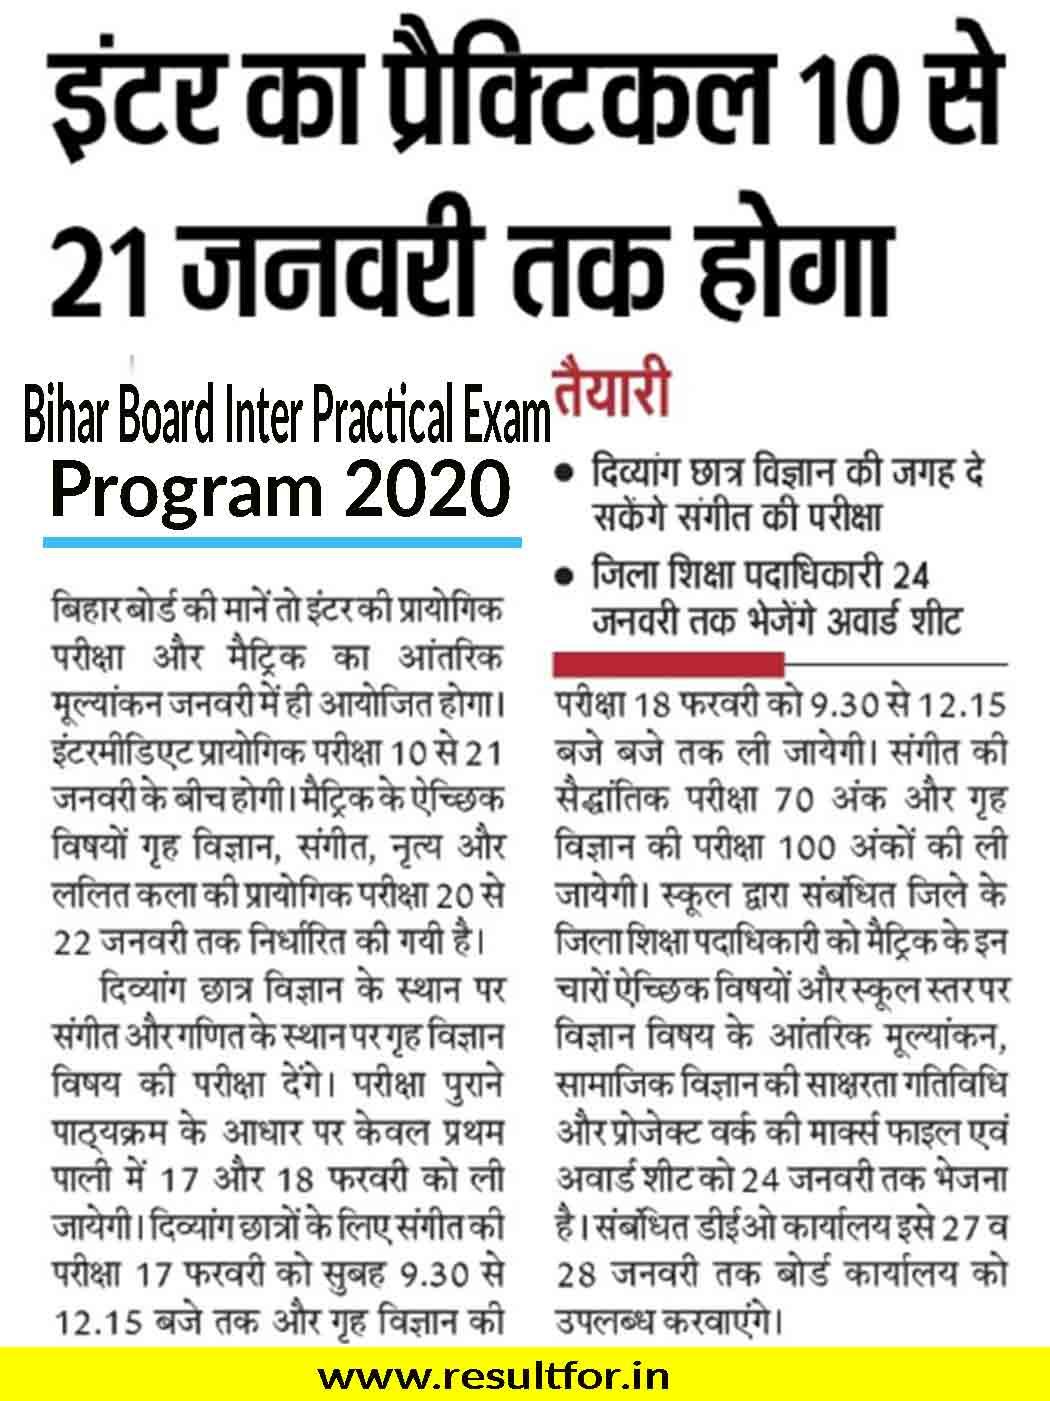 Bihar Board Inter Practical Exam Date Sheet 2020. | Bihar Board within Bihar Sarkar Ka Calendar 2020